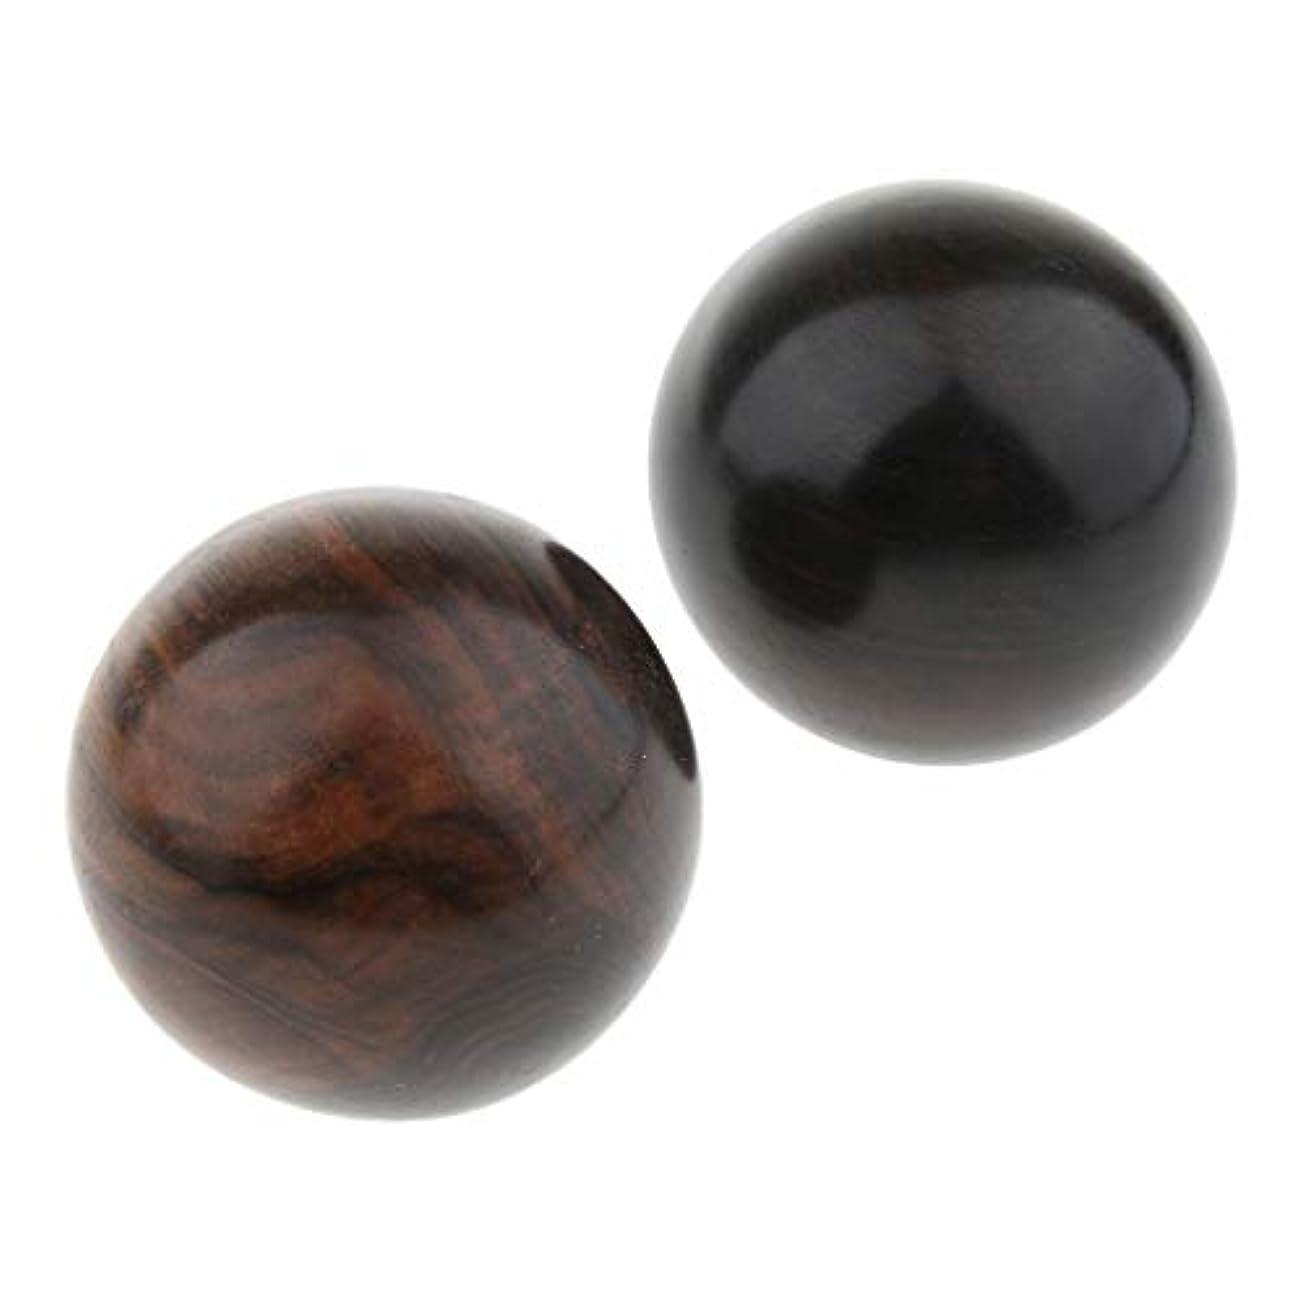 めったに影説教するハンドボール マッサージボール 木製 ストレス解消 運動 トリガーポイント 2個入